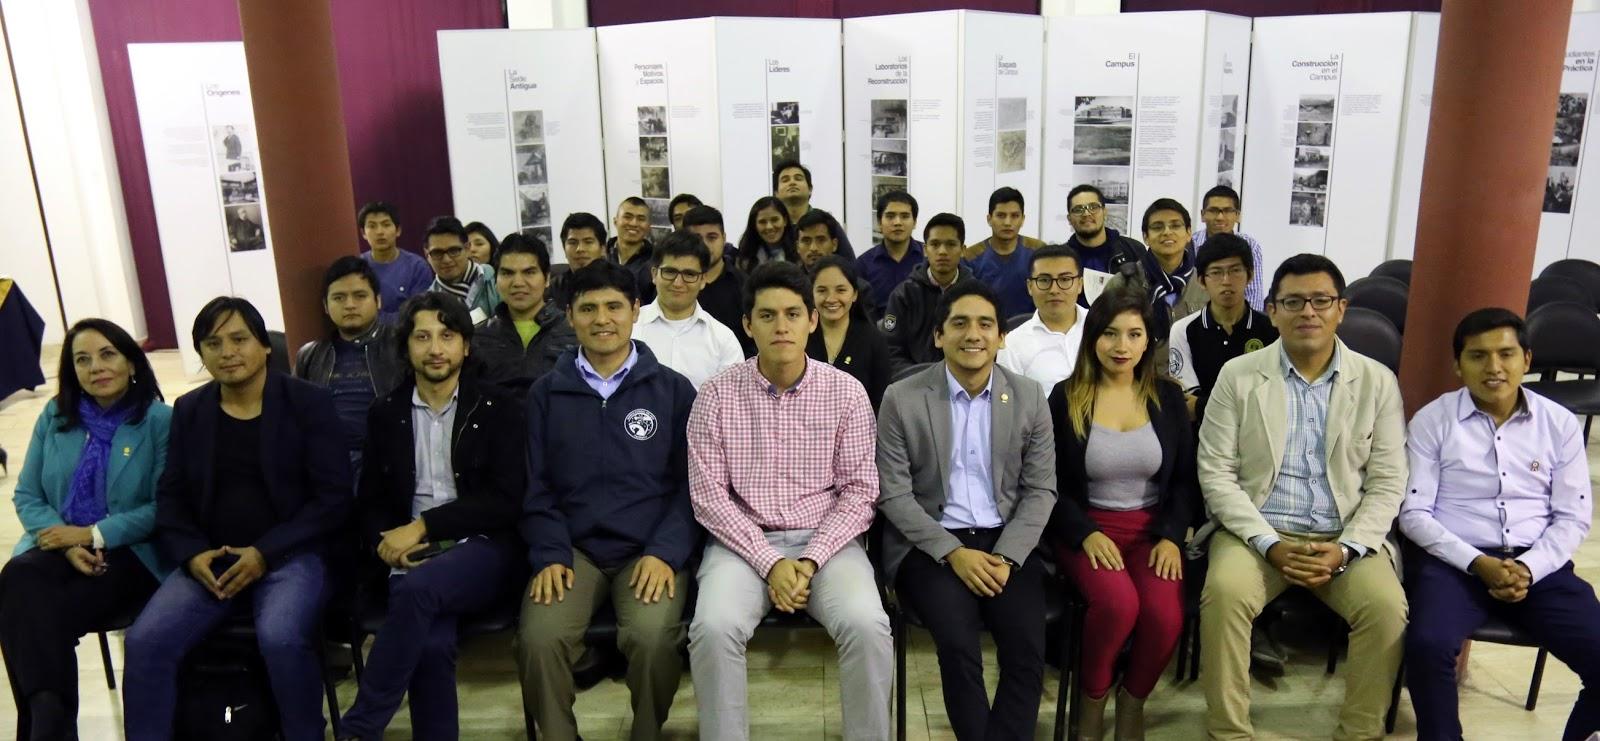 Jóvenes líderes de proyectos peruanos se reunieron en conversatorio